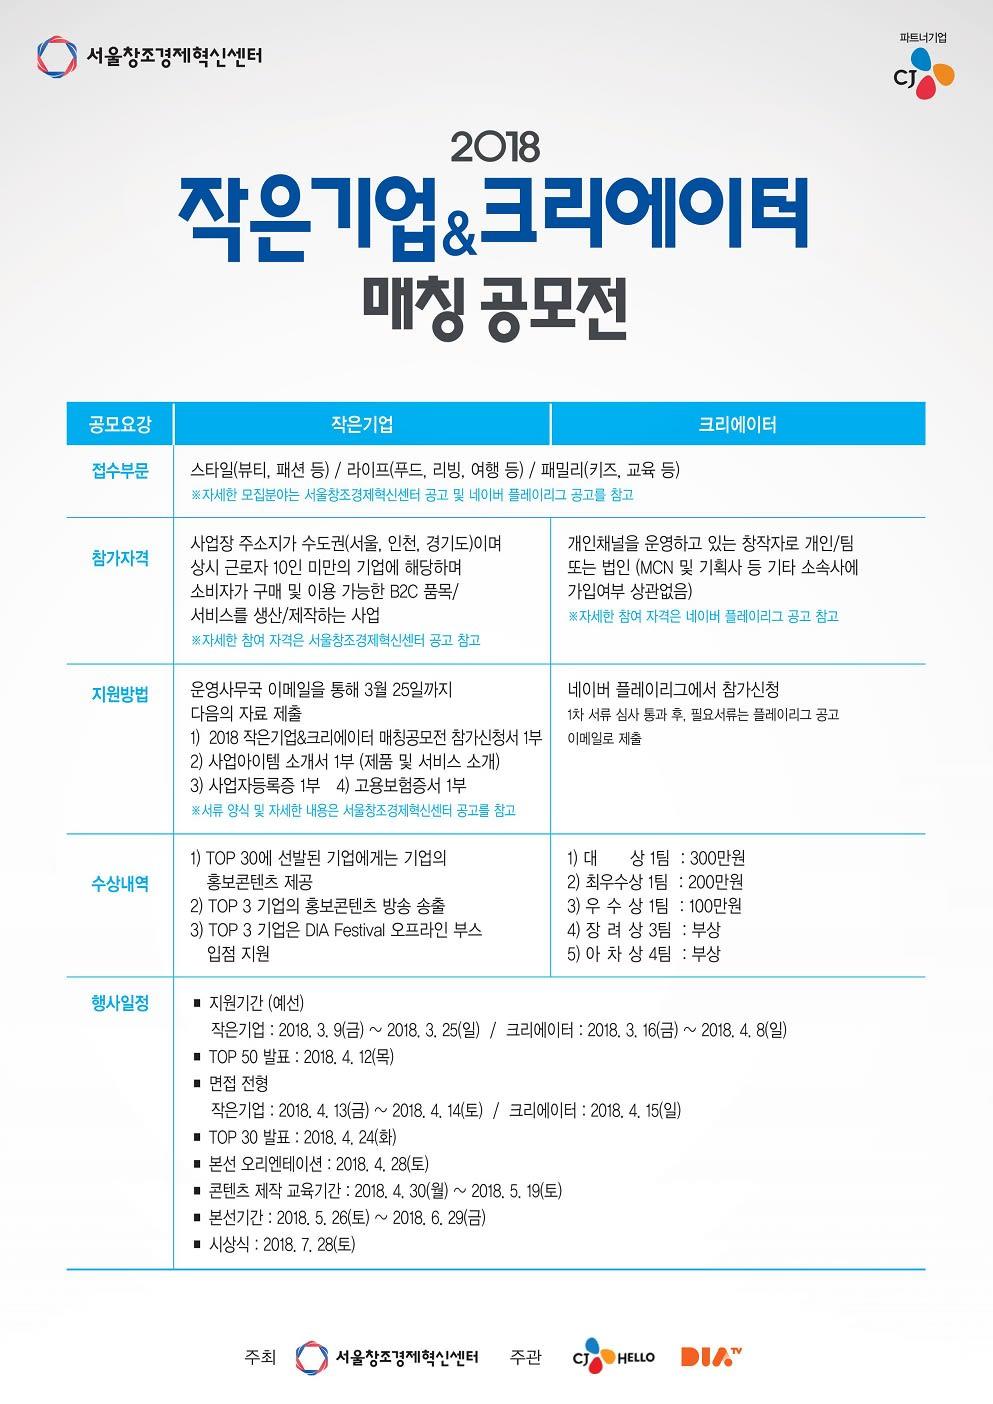 [서울창조경제혁신센터] 작은기업 & 크리에이터 매칭 공모전